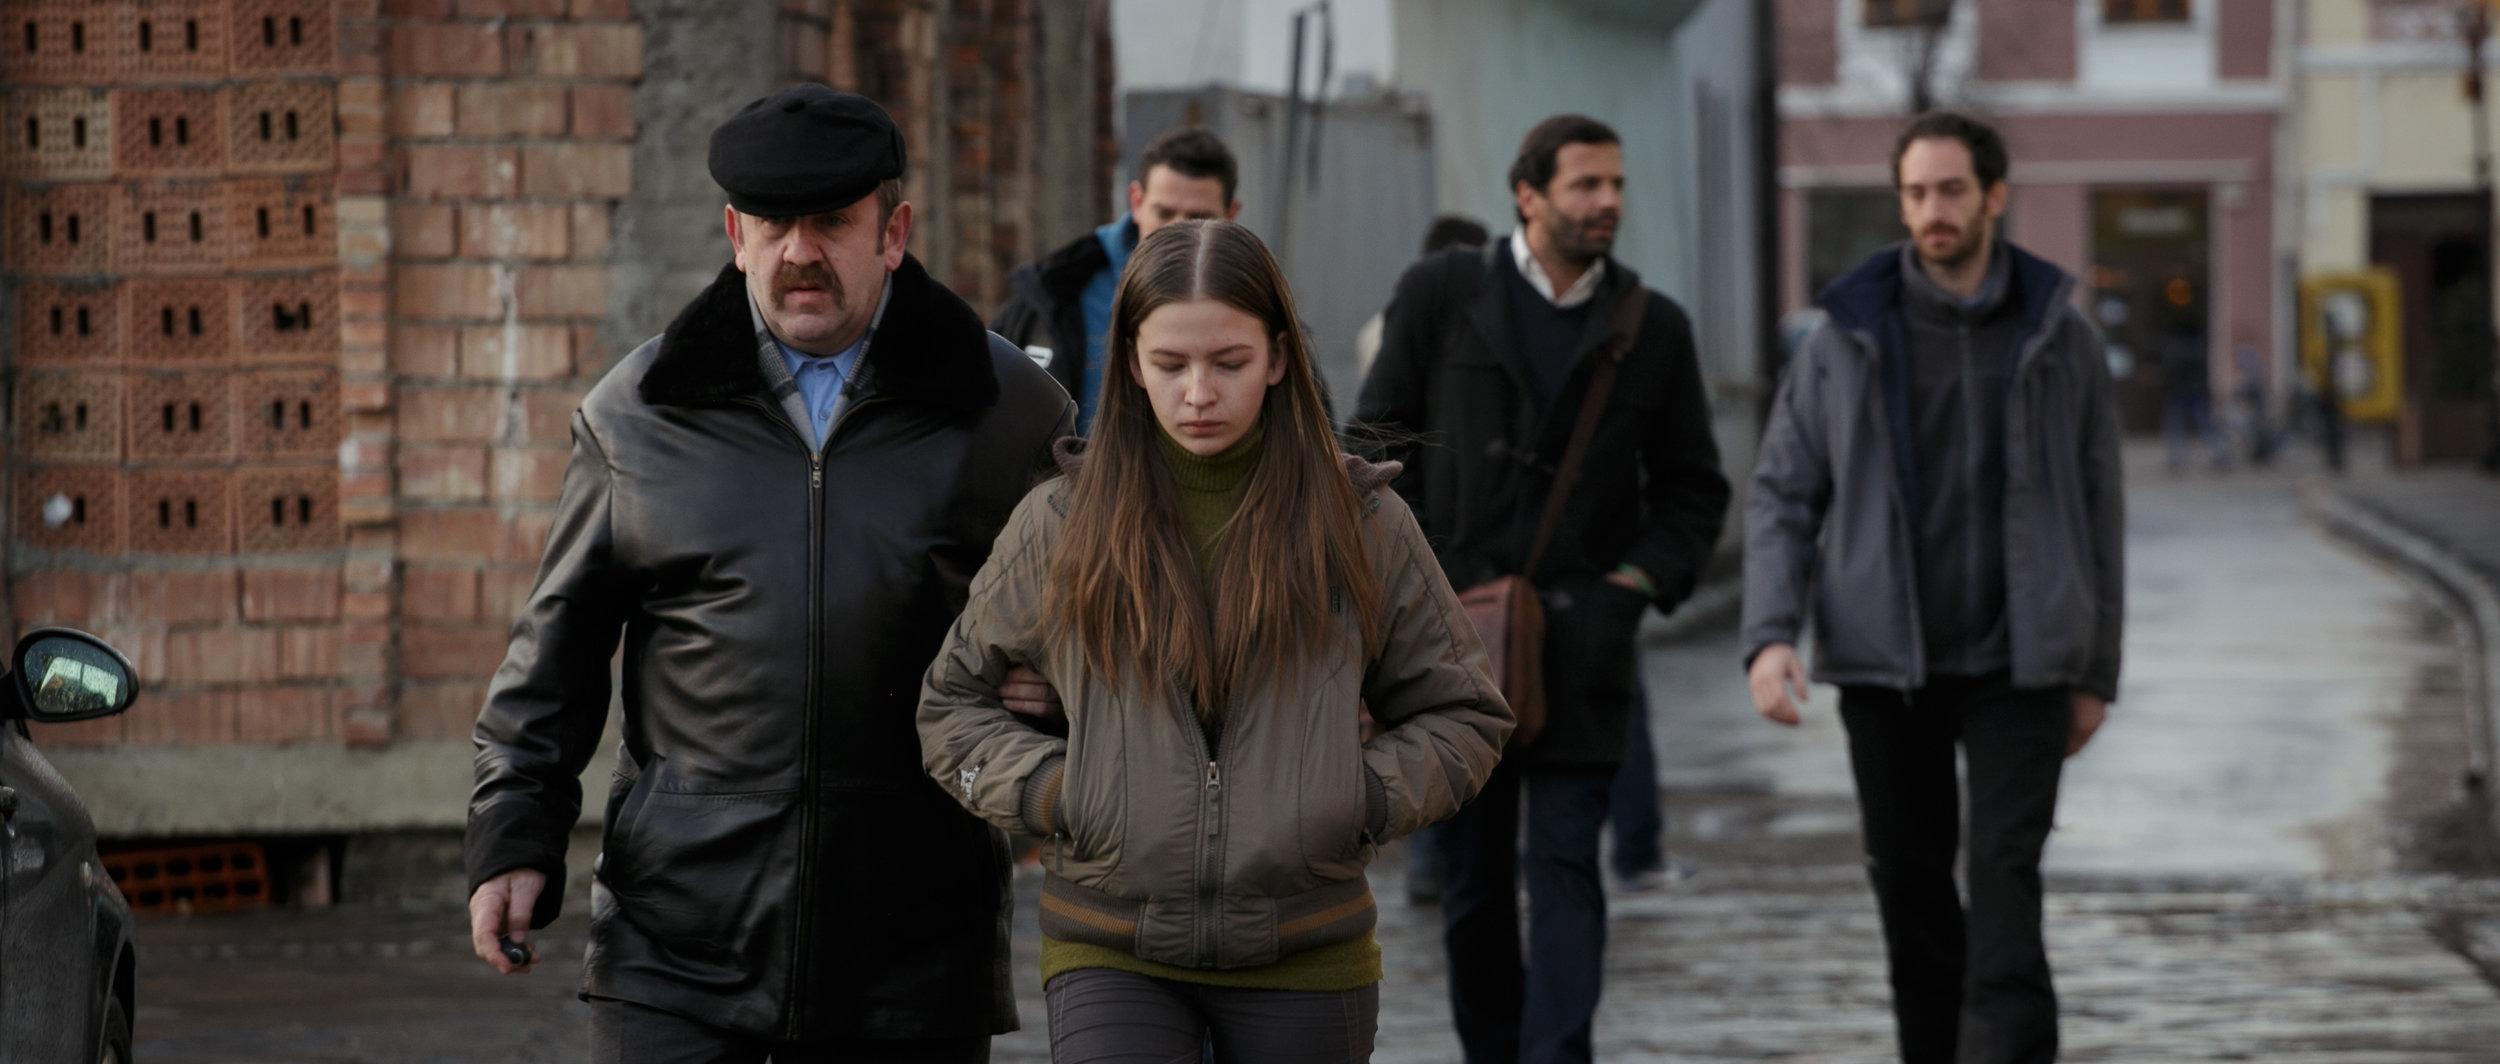 Tilbake igjen i Romania geleides Anca av politisjefen som vil la henne bli intervjuet av tv-teamet i bakgrunnen.